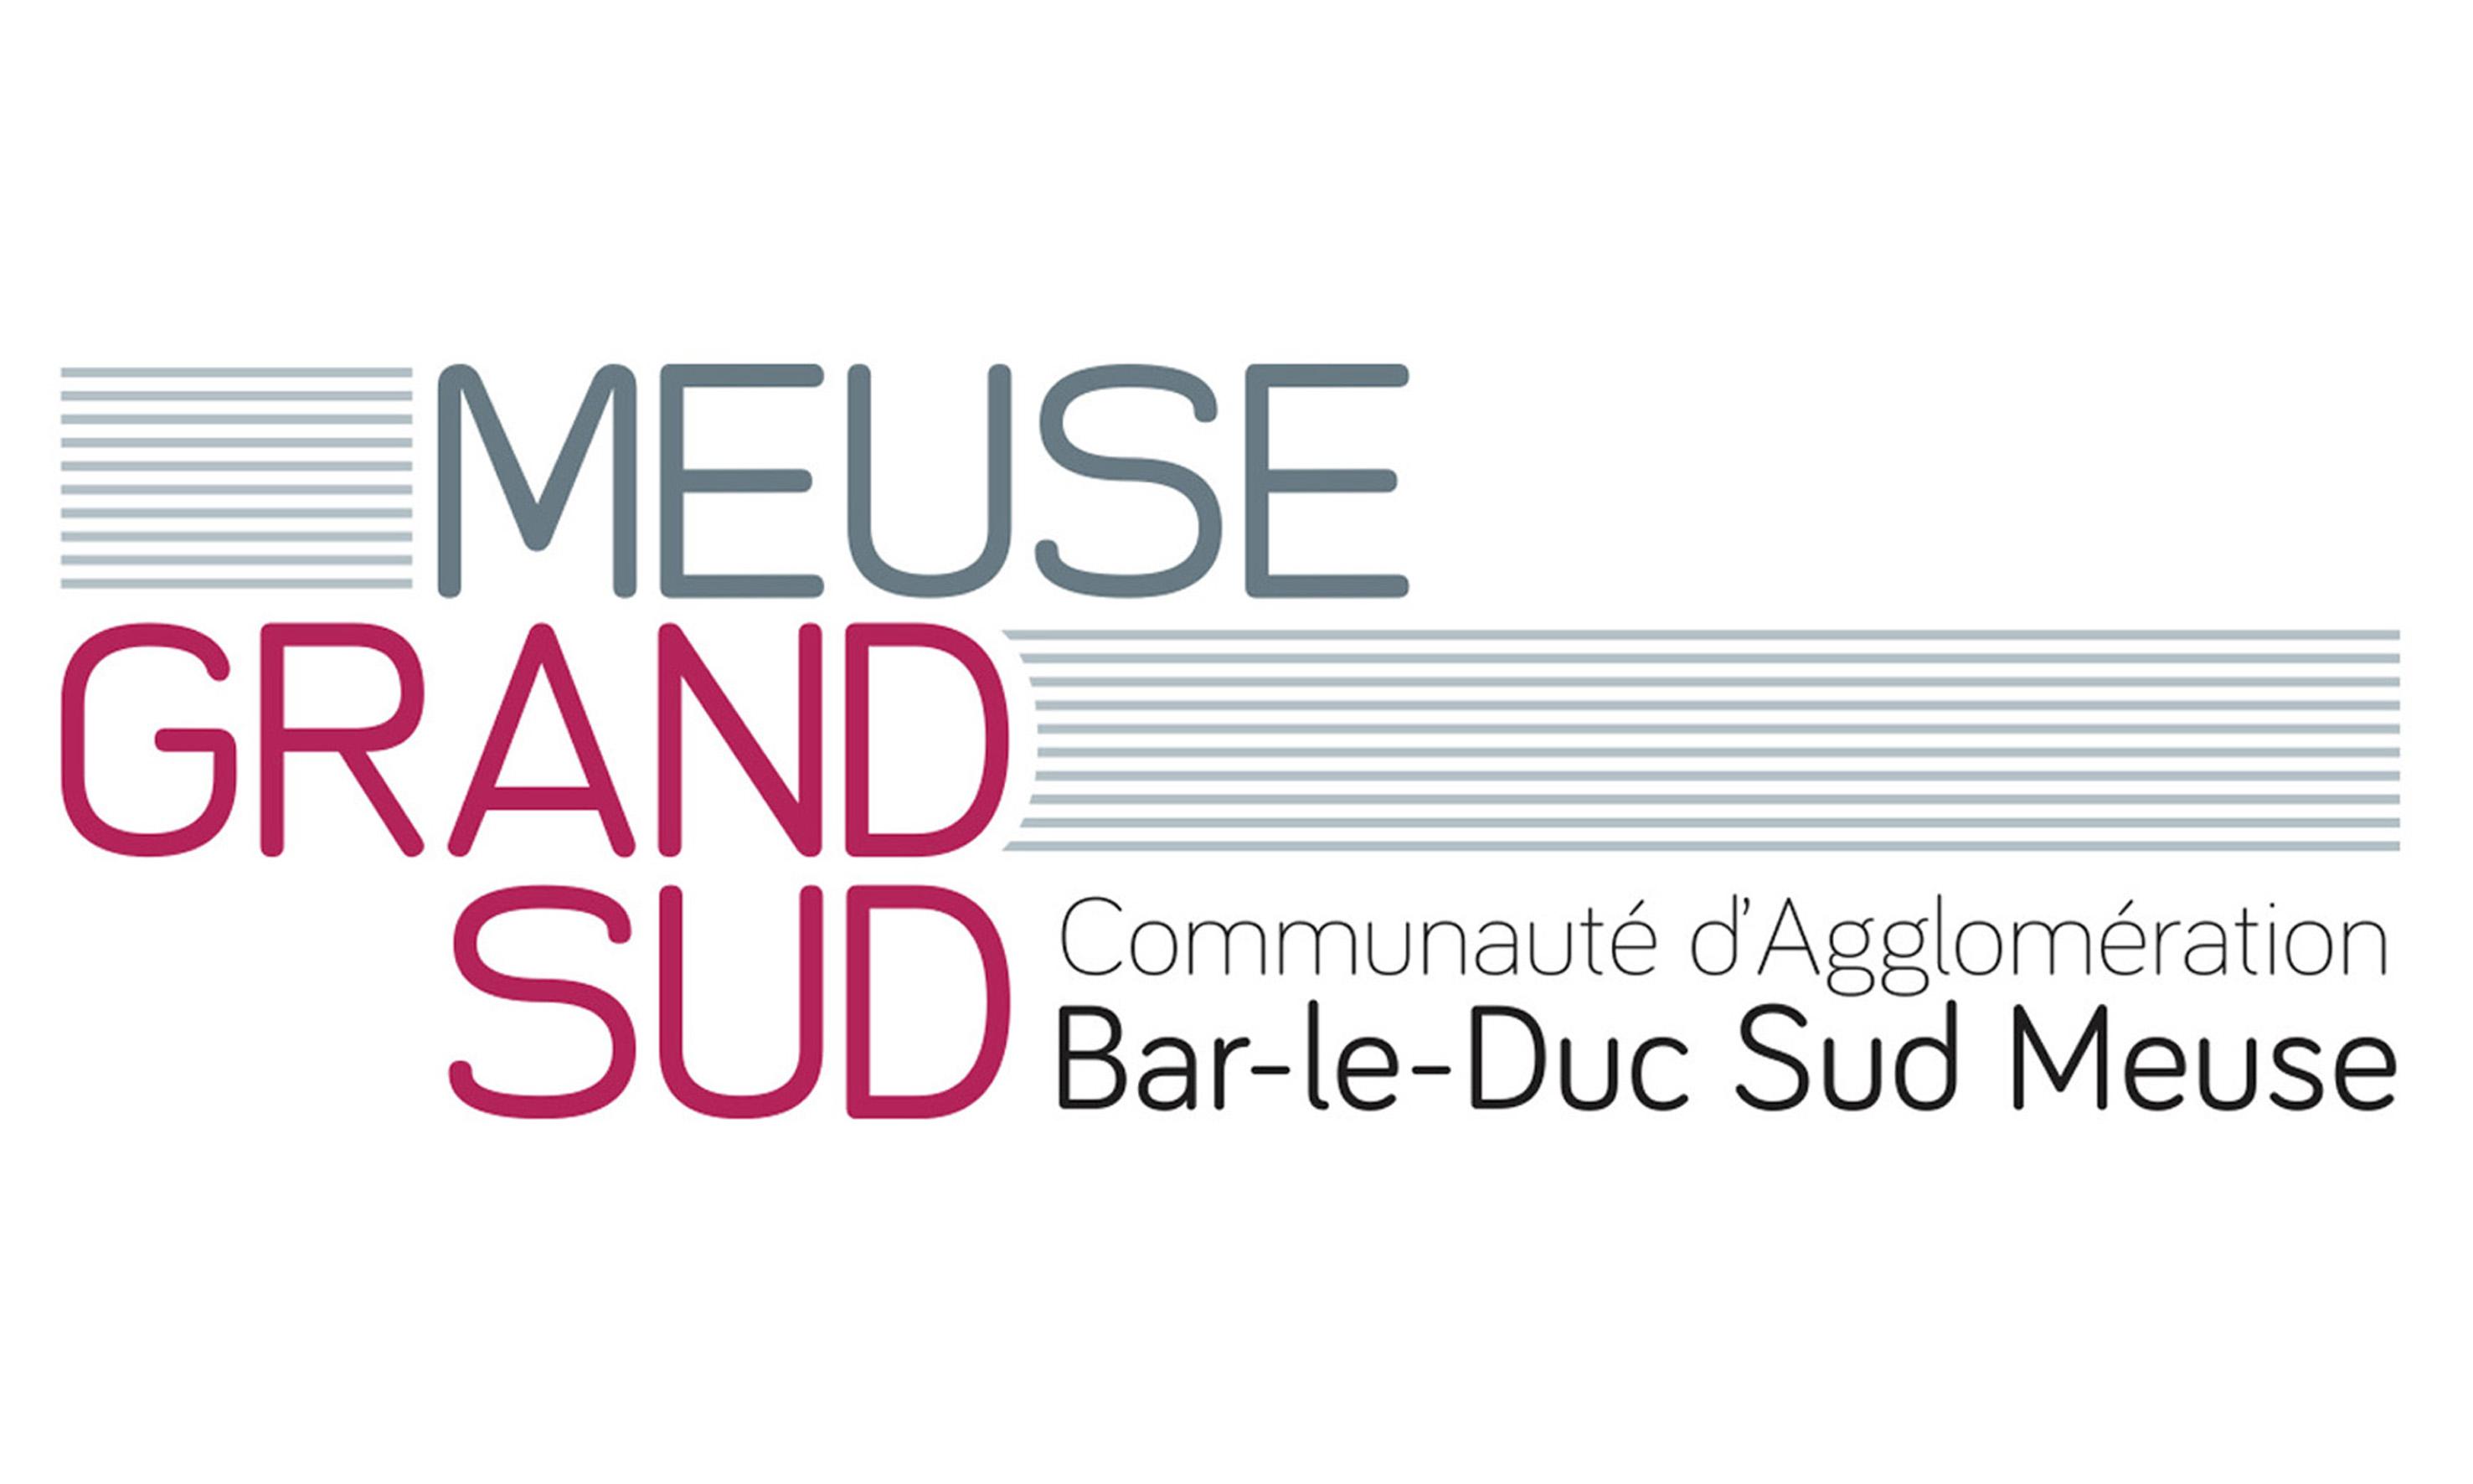 Meuse Grand Sud